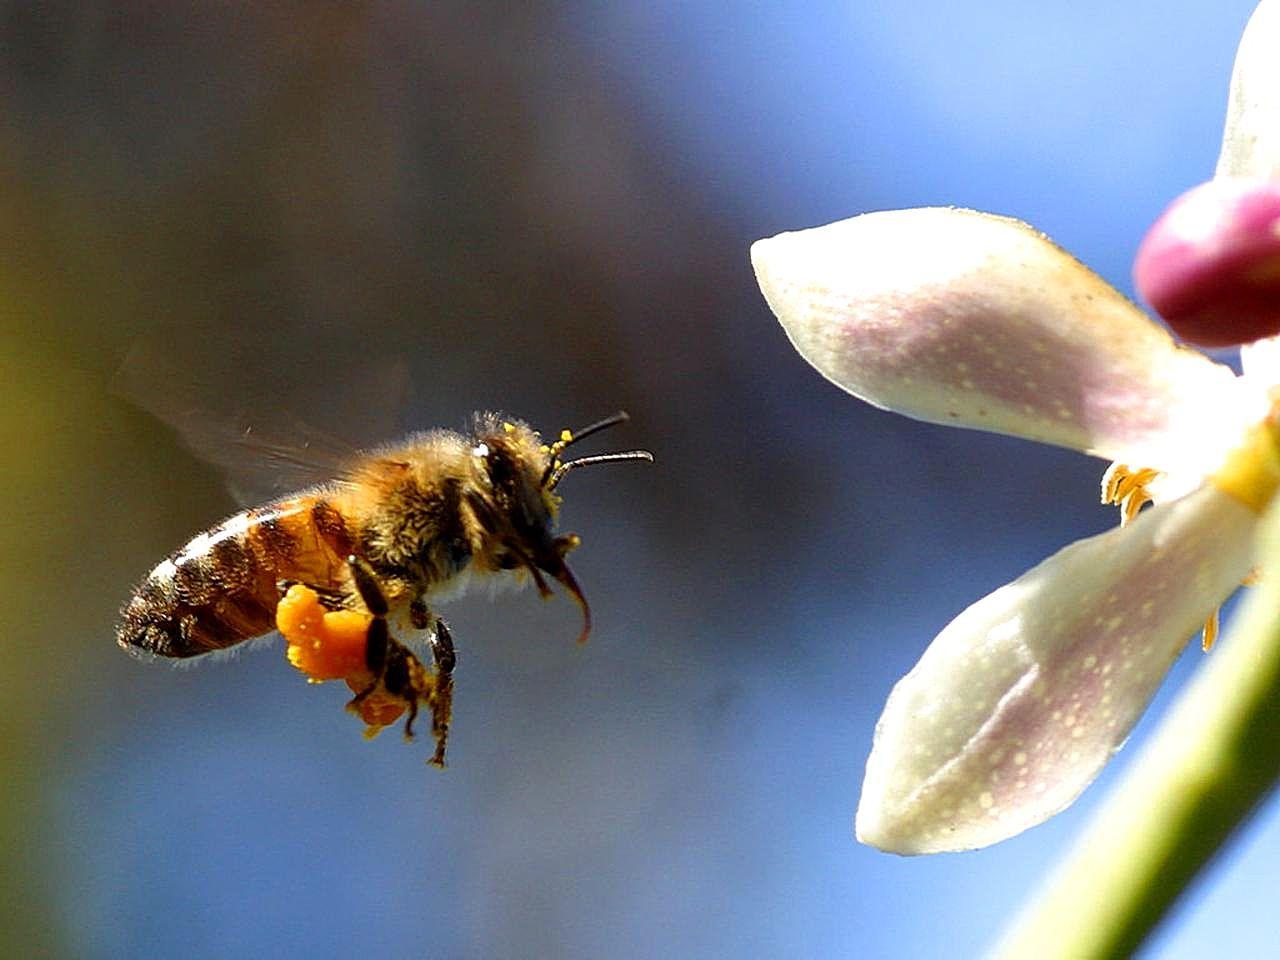 Salvemos as abelhas com a ajuda da Comissão Europeia… e com um milhão de apoiantes